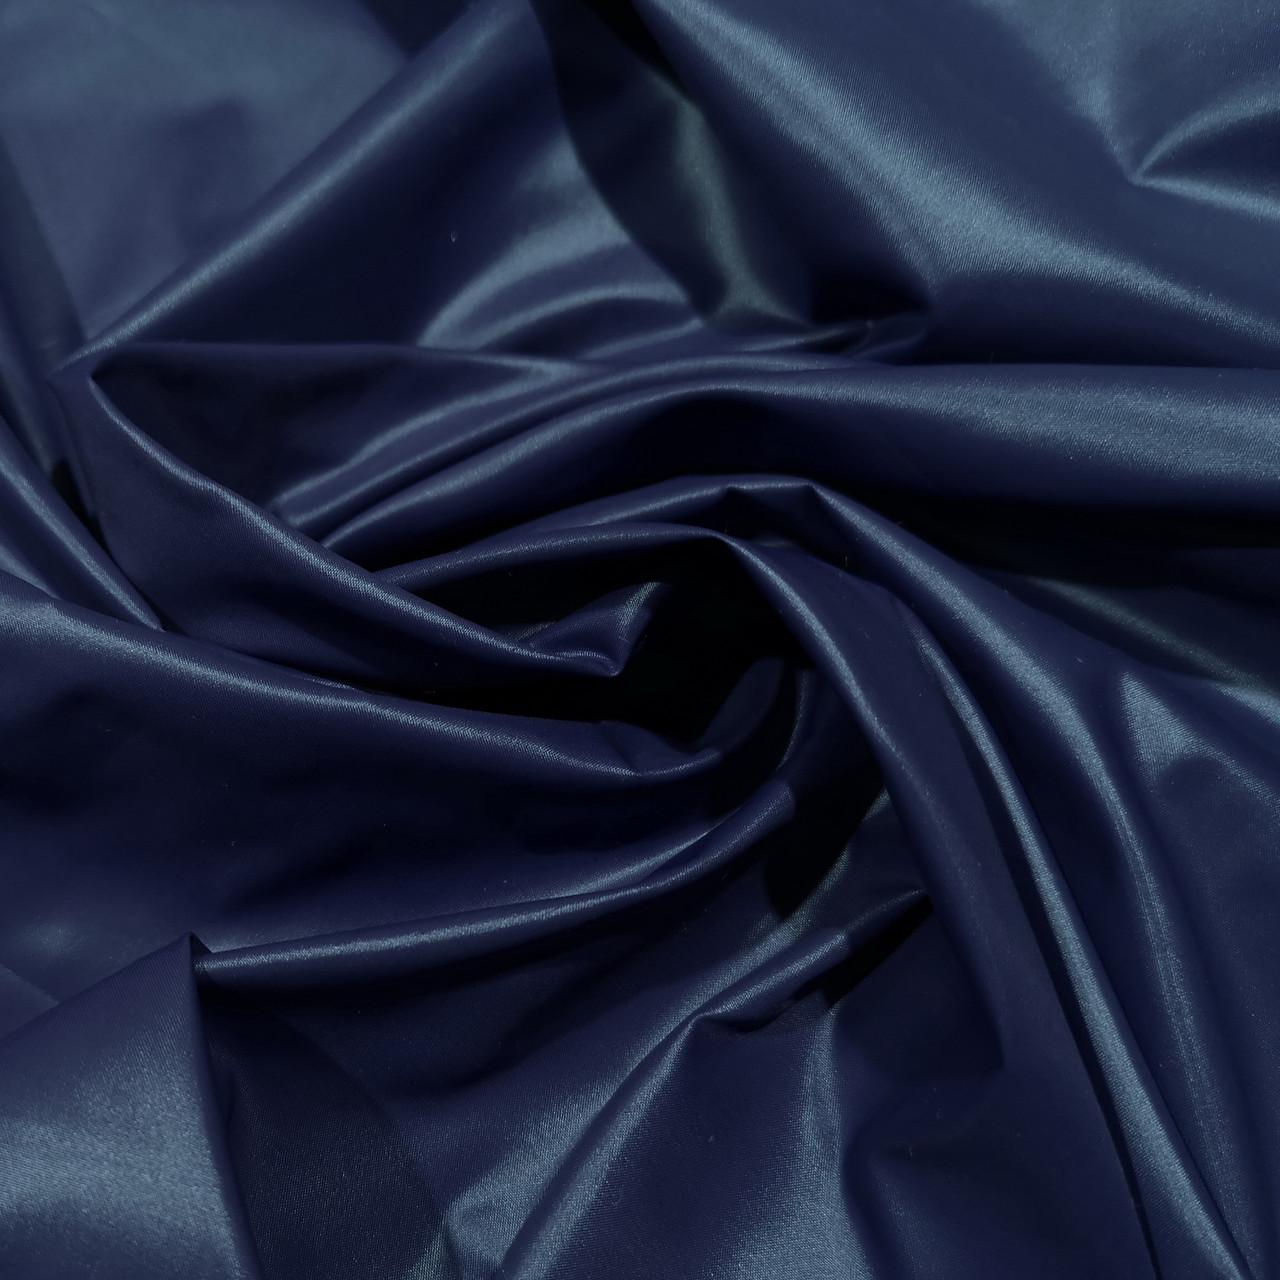 купить плащевая ткань на флисе